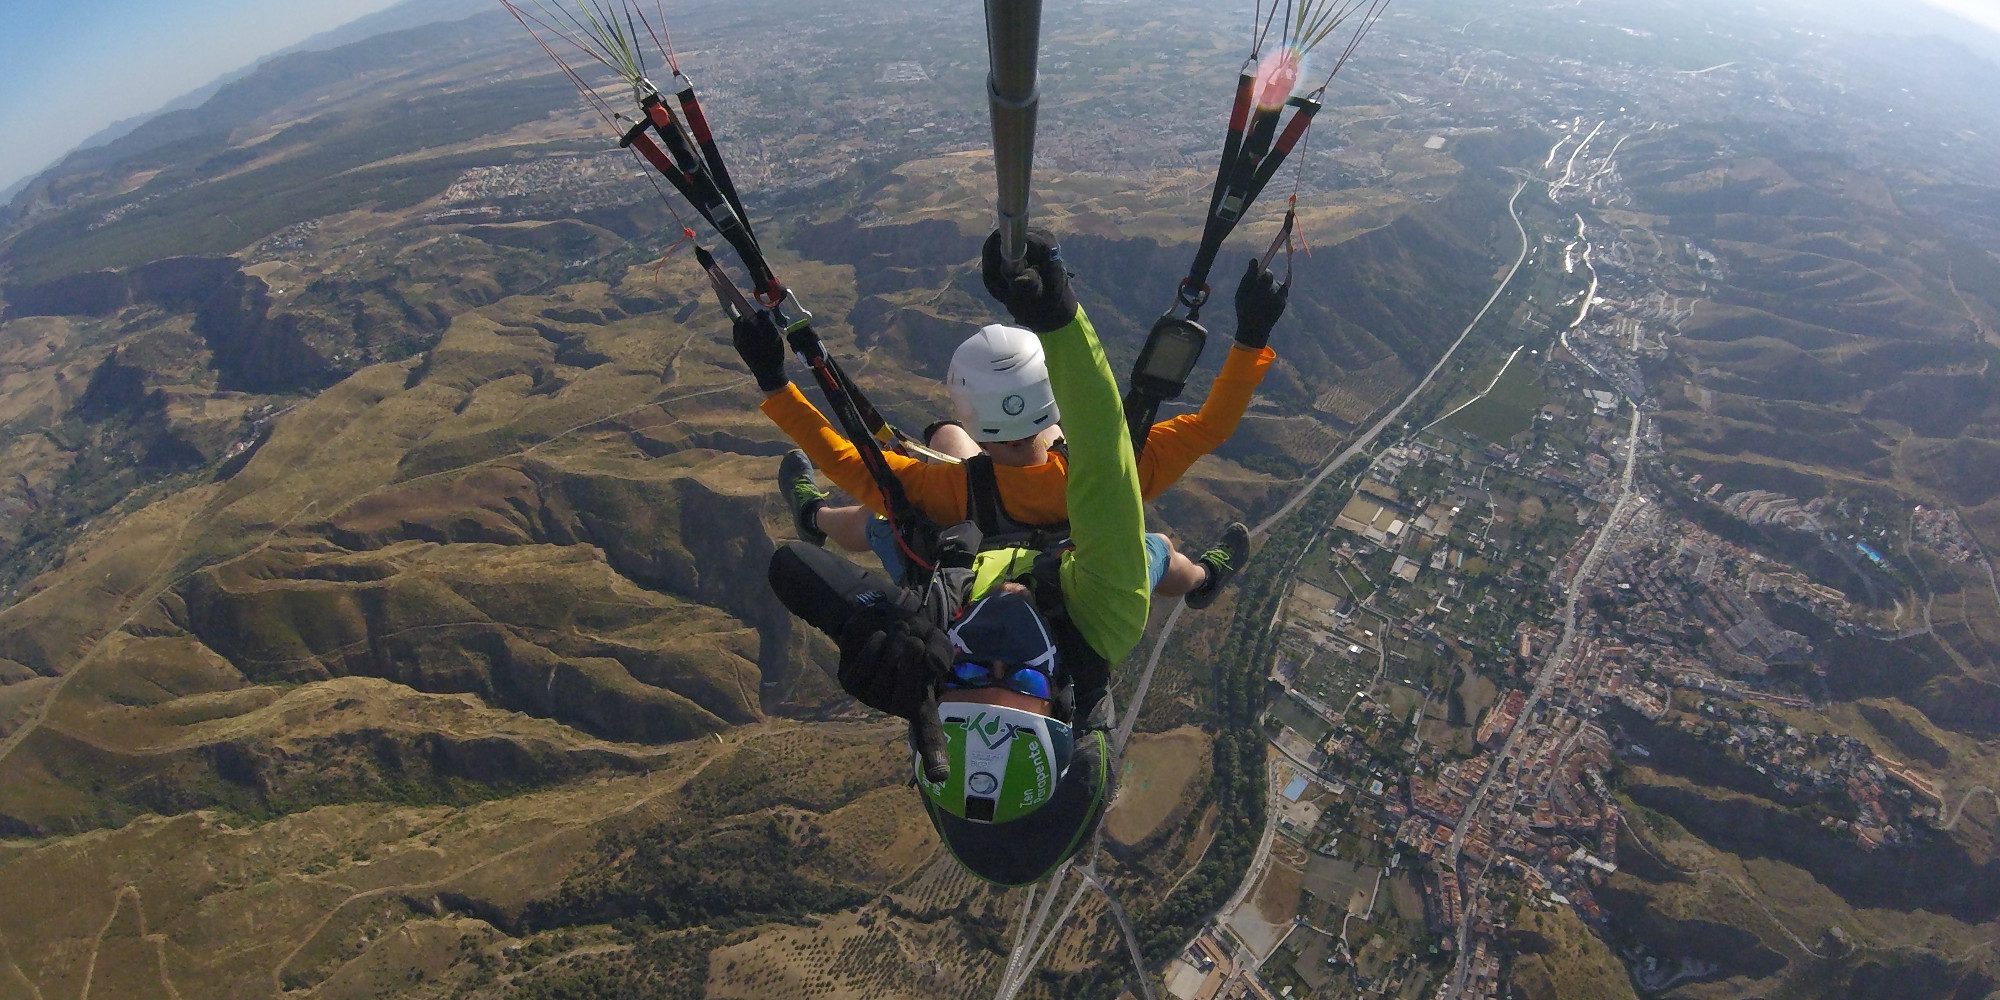 Blog - Valle de Cenes de la Vega - Pilotaje de pasajeros